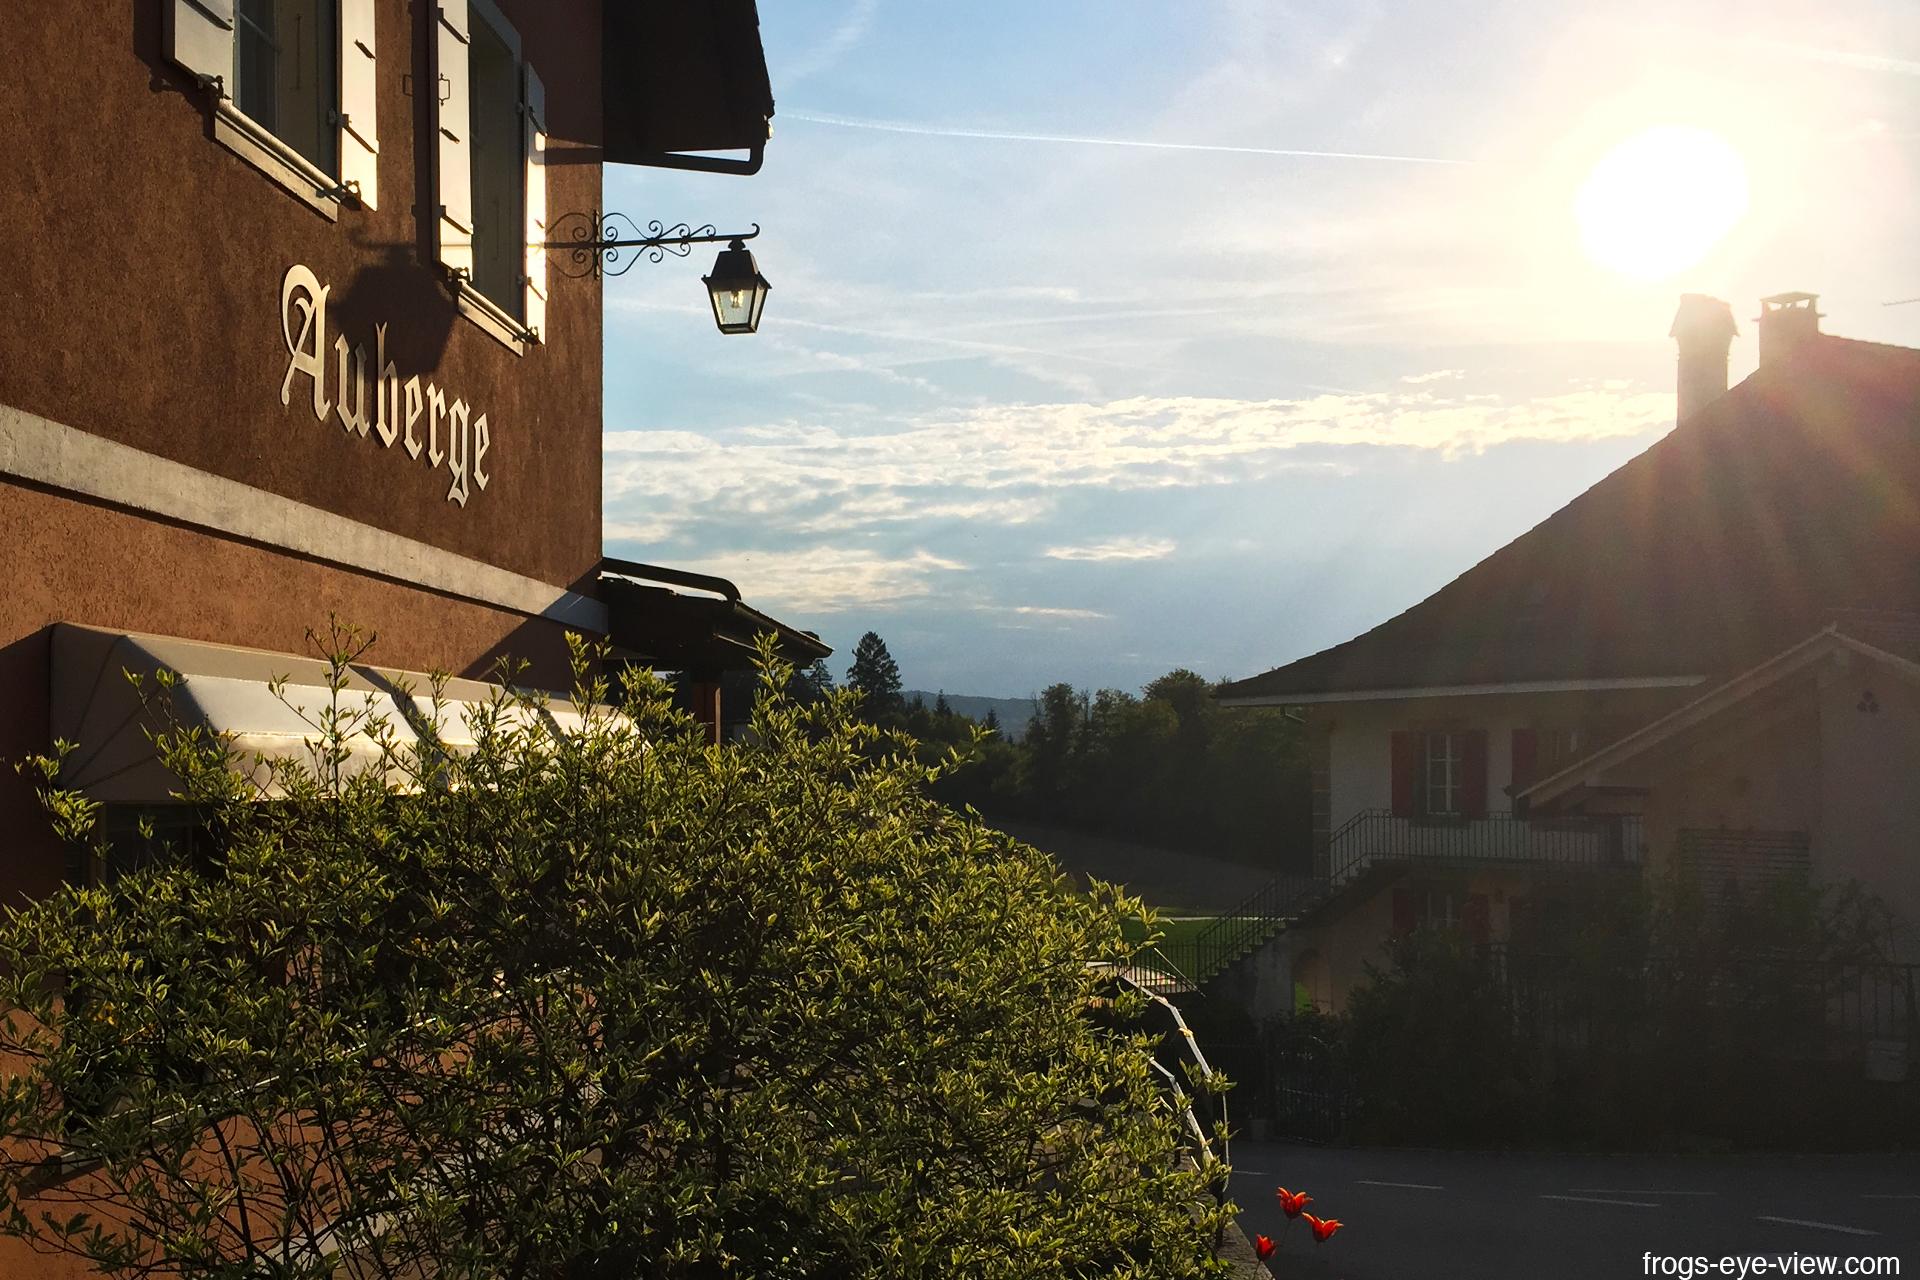 20160508_Fribourg_CreuxDeVan19.23.06-1 Kopie